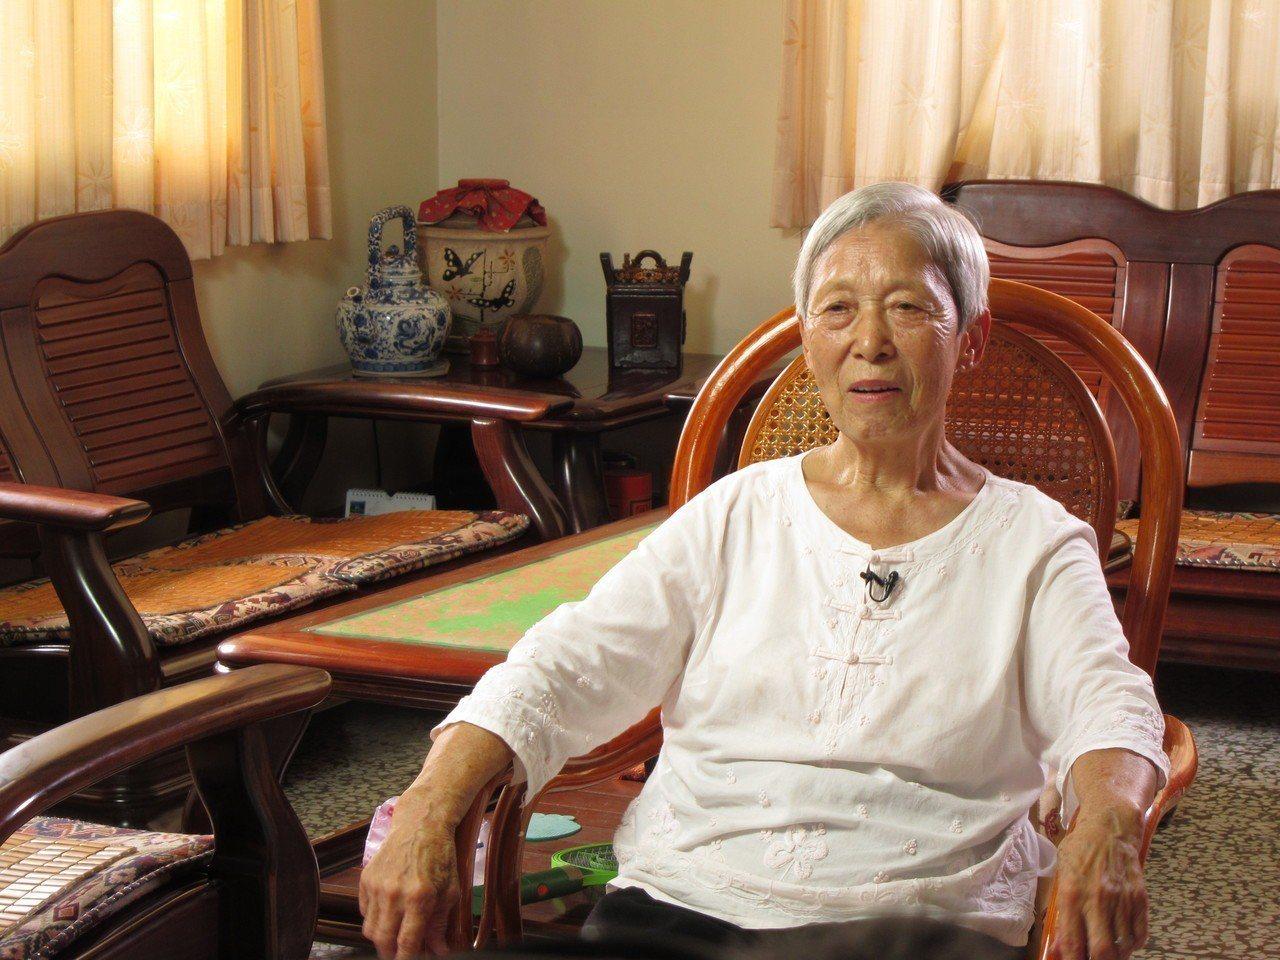 來自浙江,徐施阿金近70年的客庄生活,練就一身客家好廚藝。